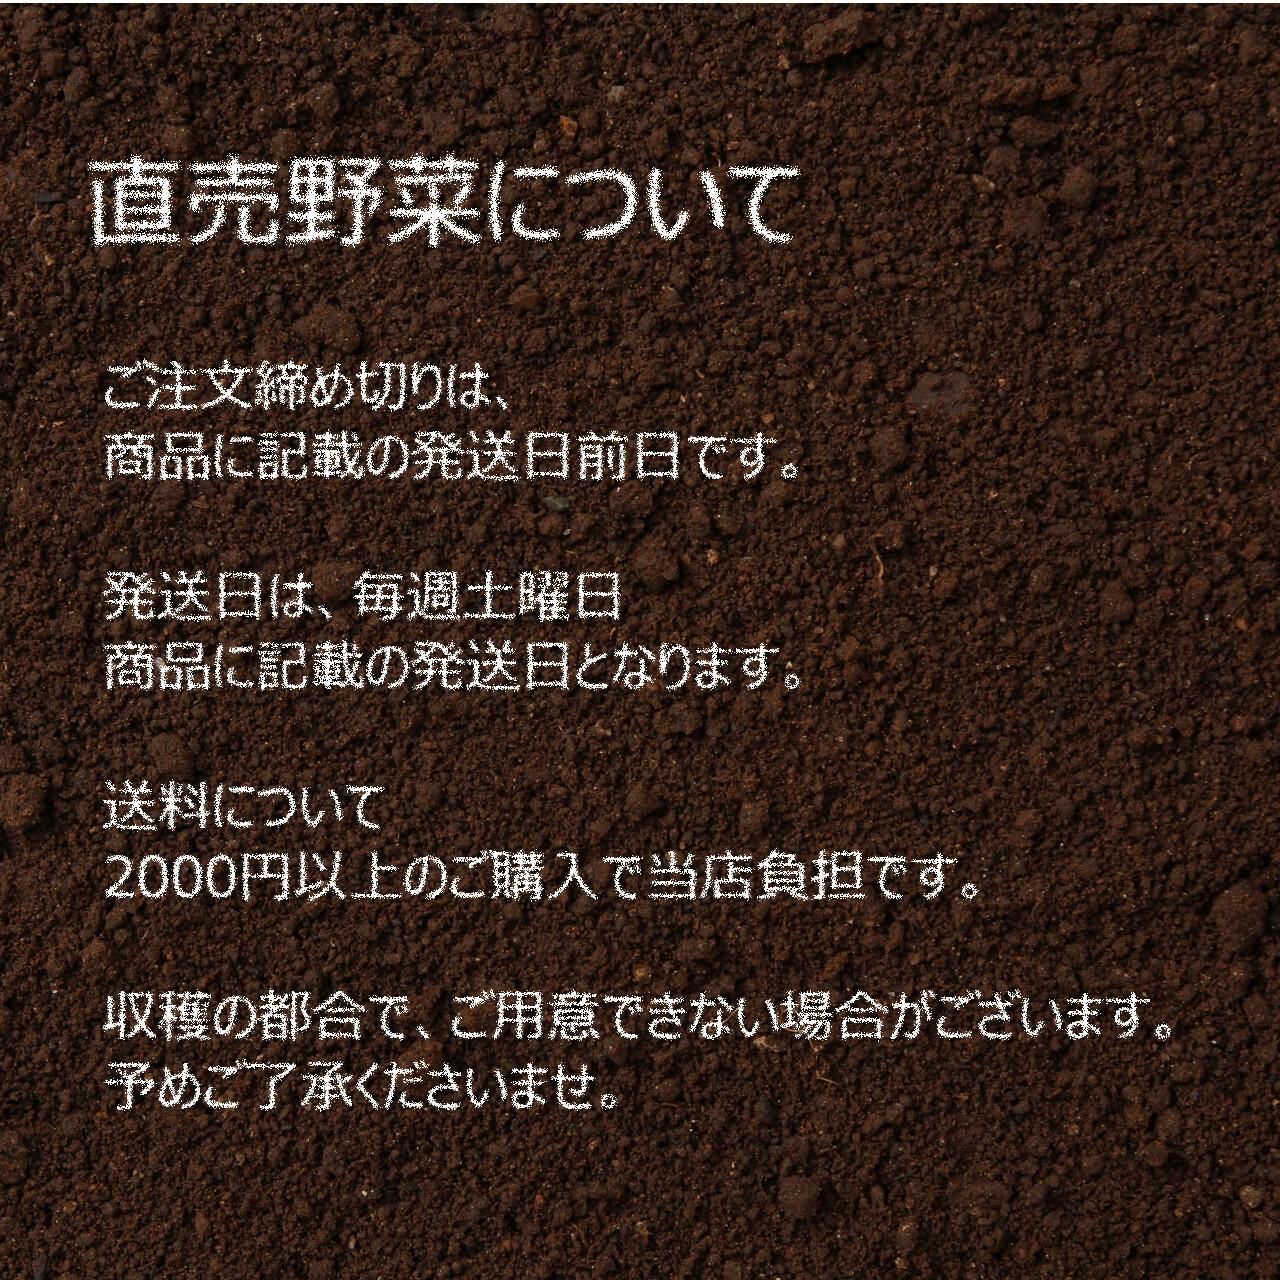 8月の新鮮夏野菜 : インゲン 約150g 8月の朝採り直売野菜  8月17日発送予定